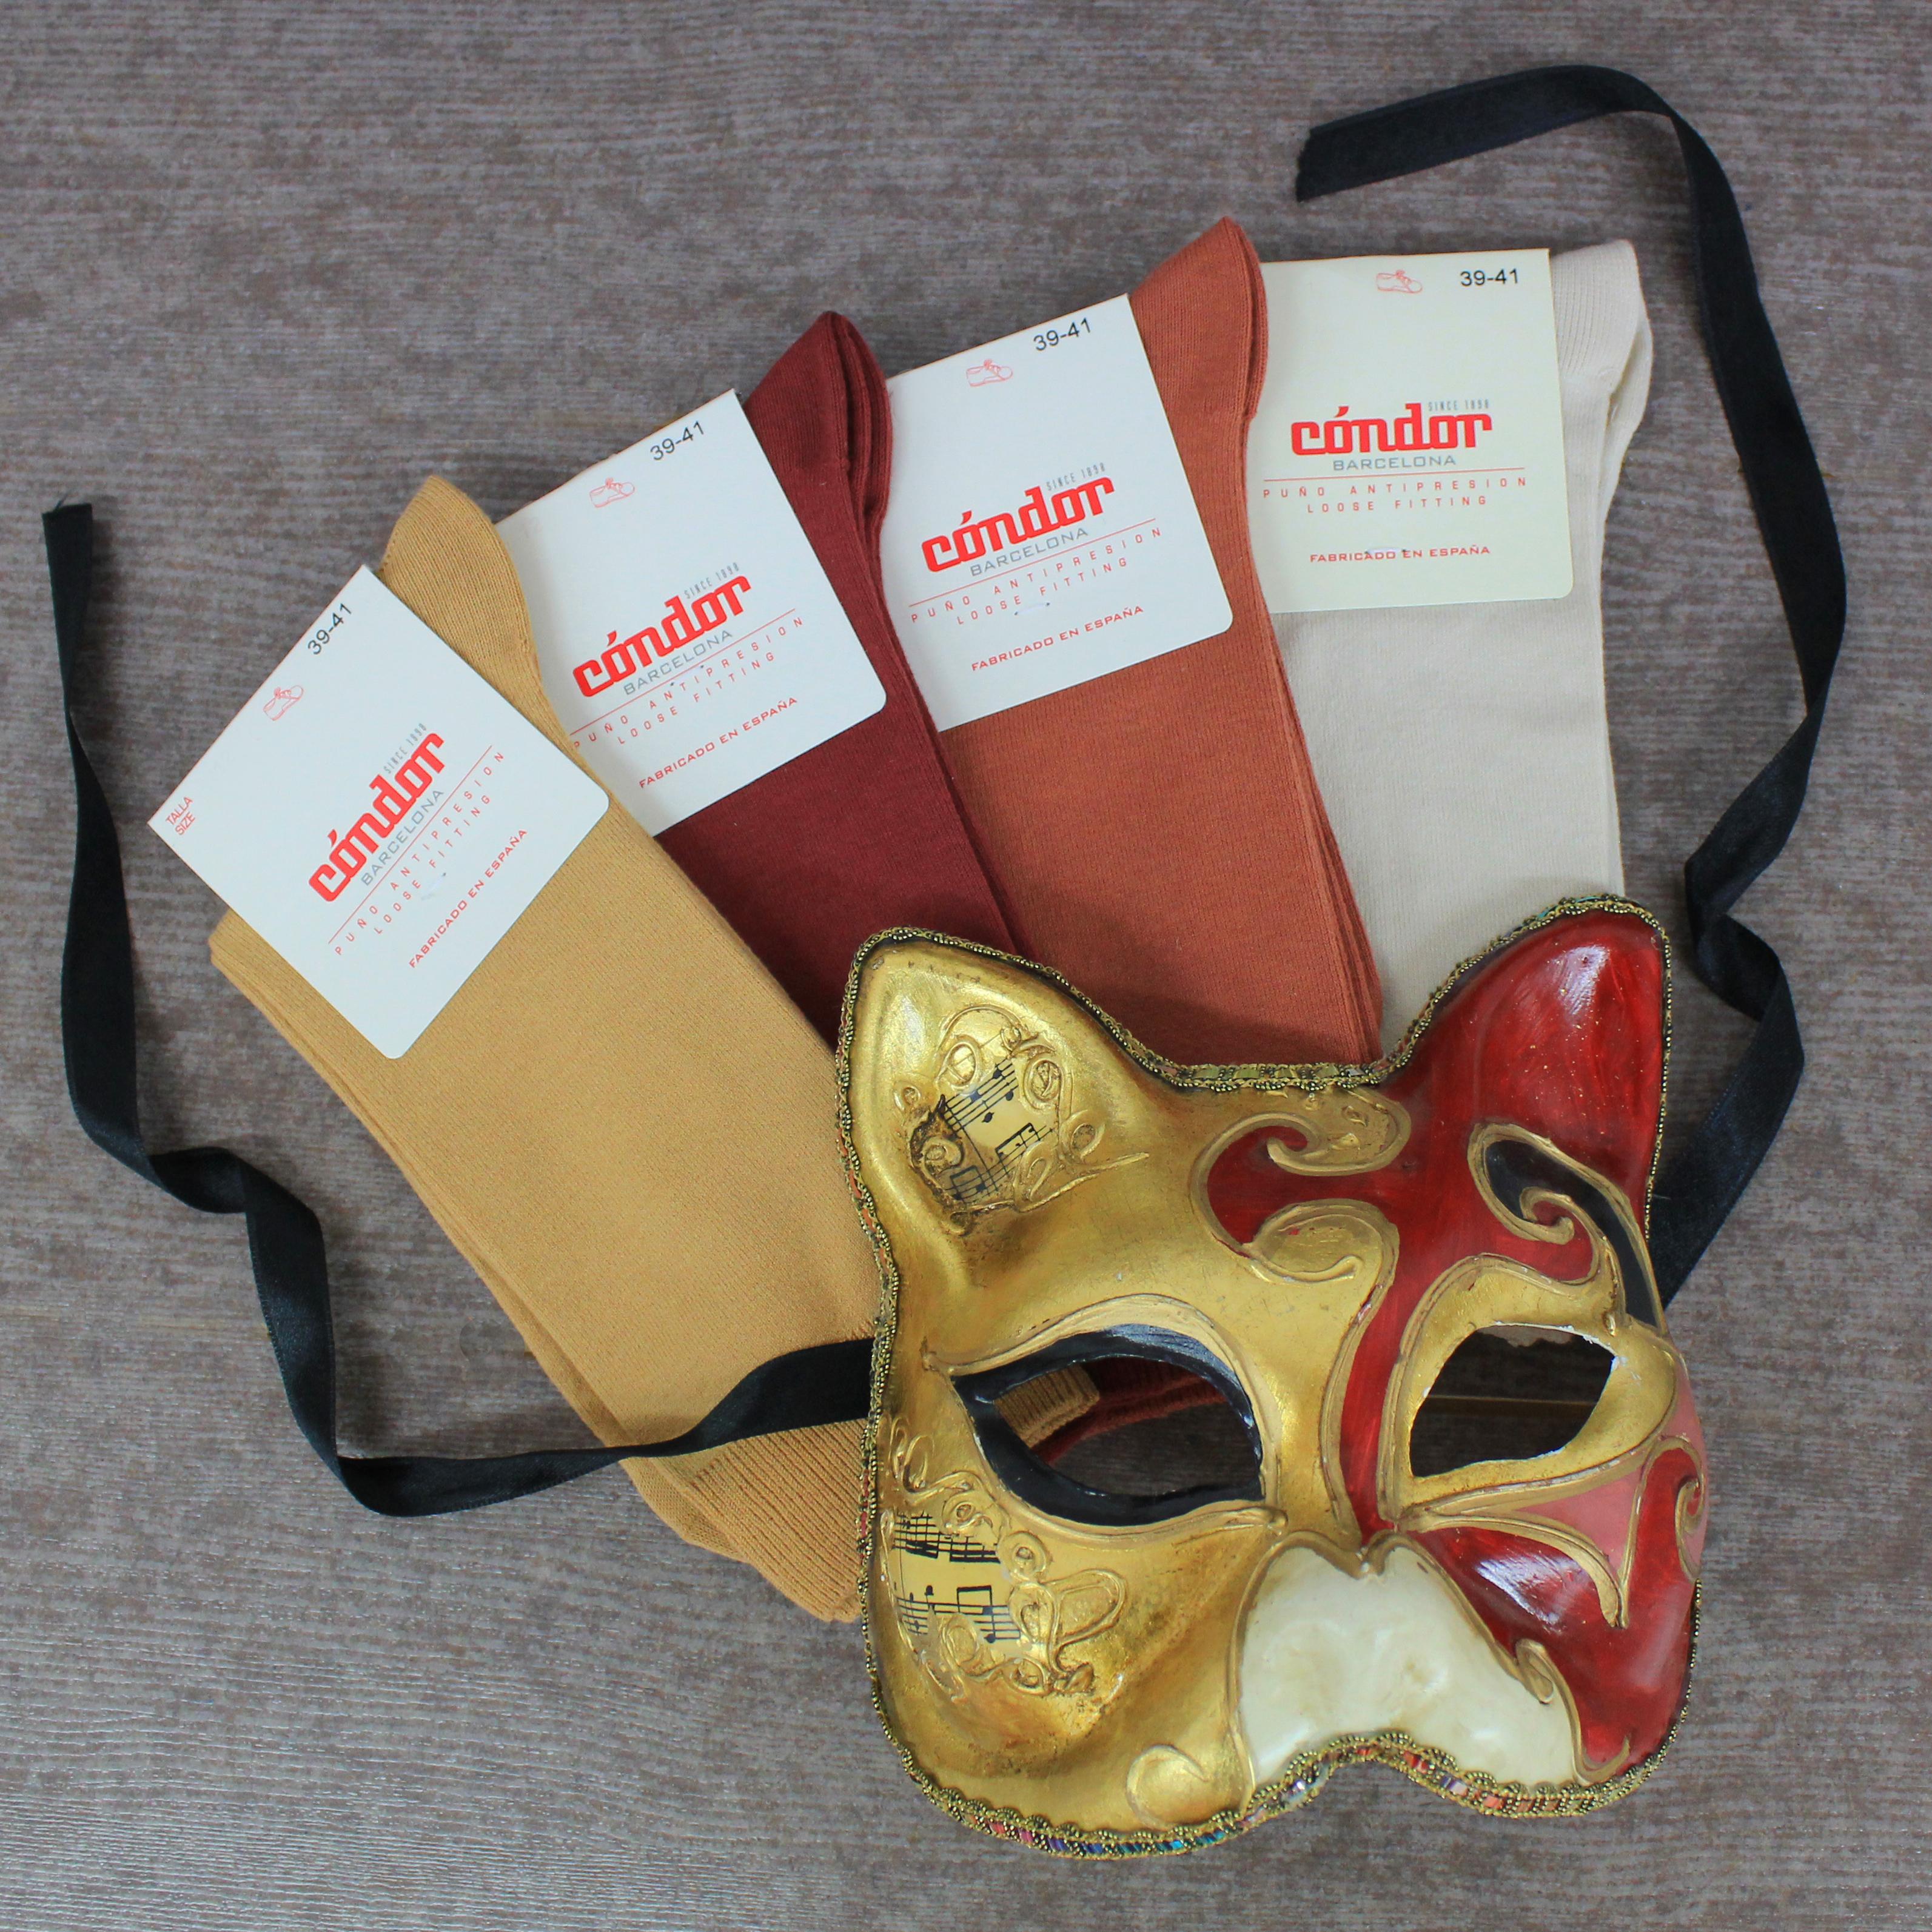 Complementos calcetines leotardos y jers is de colores for Colores condor